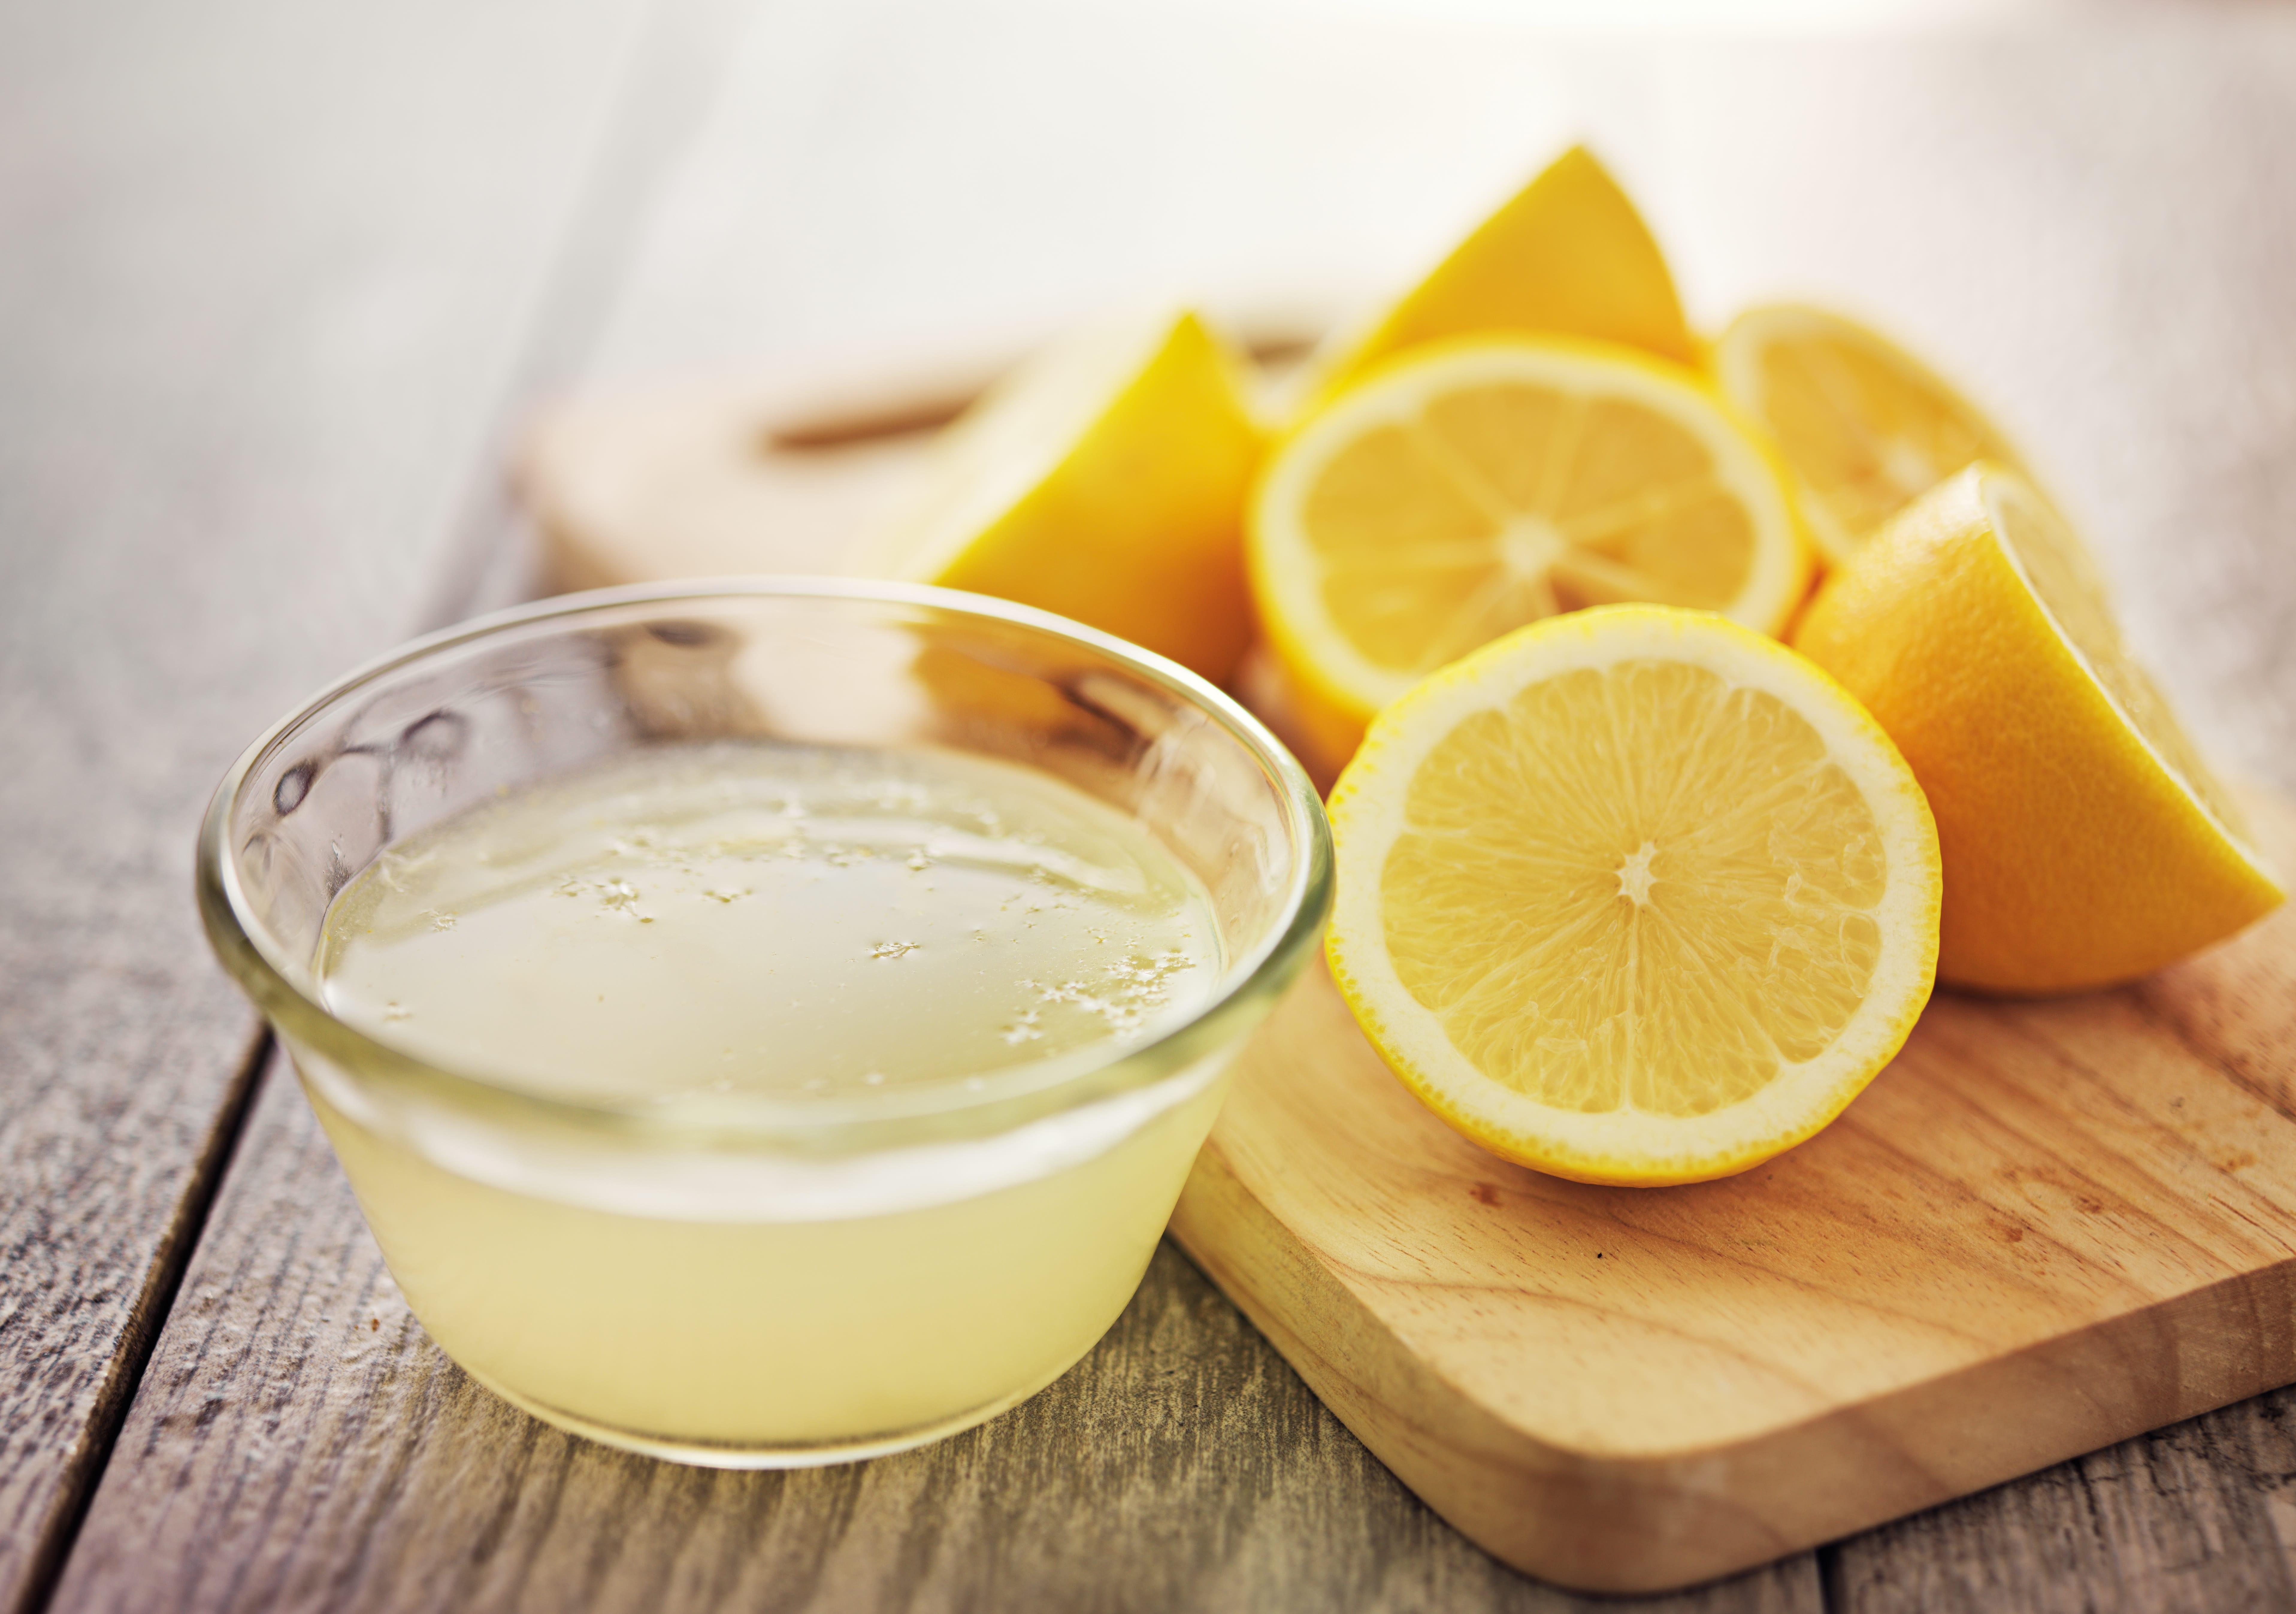 Zitrone gegen unangenehme Gerüche